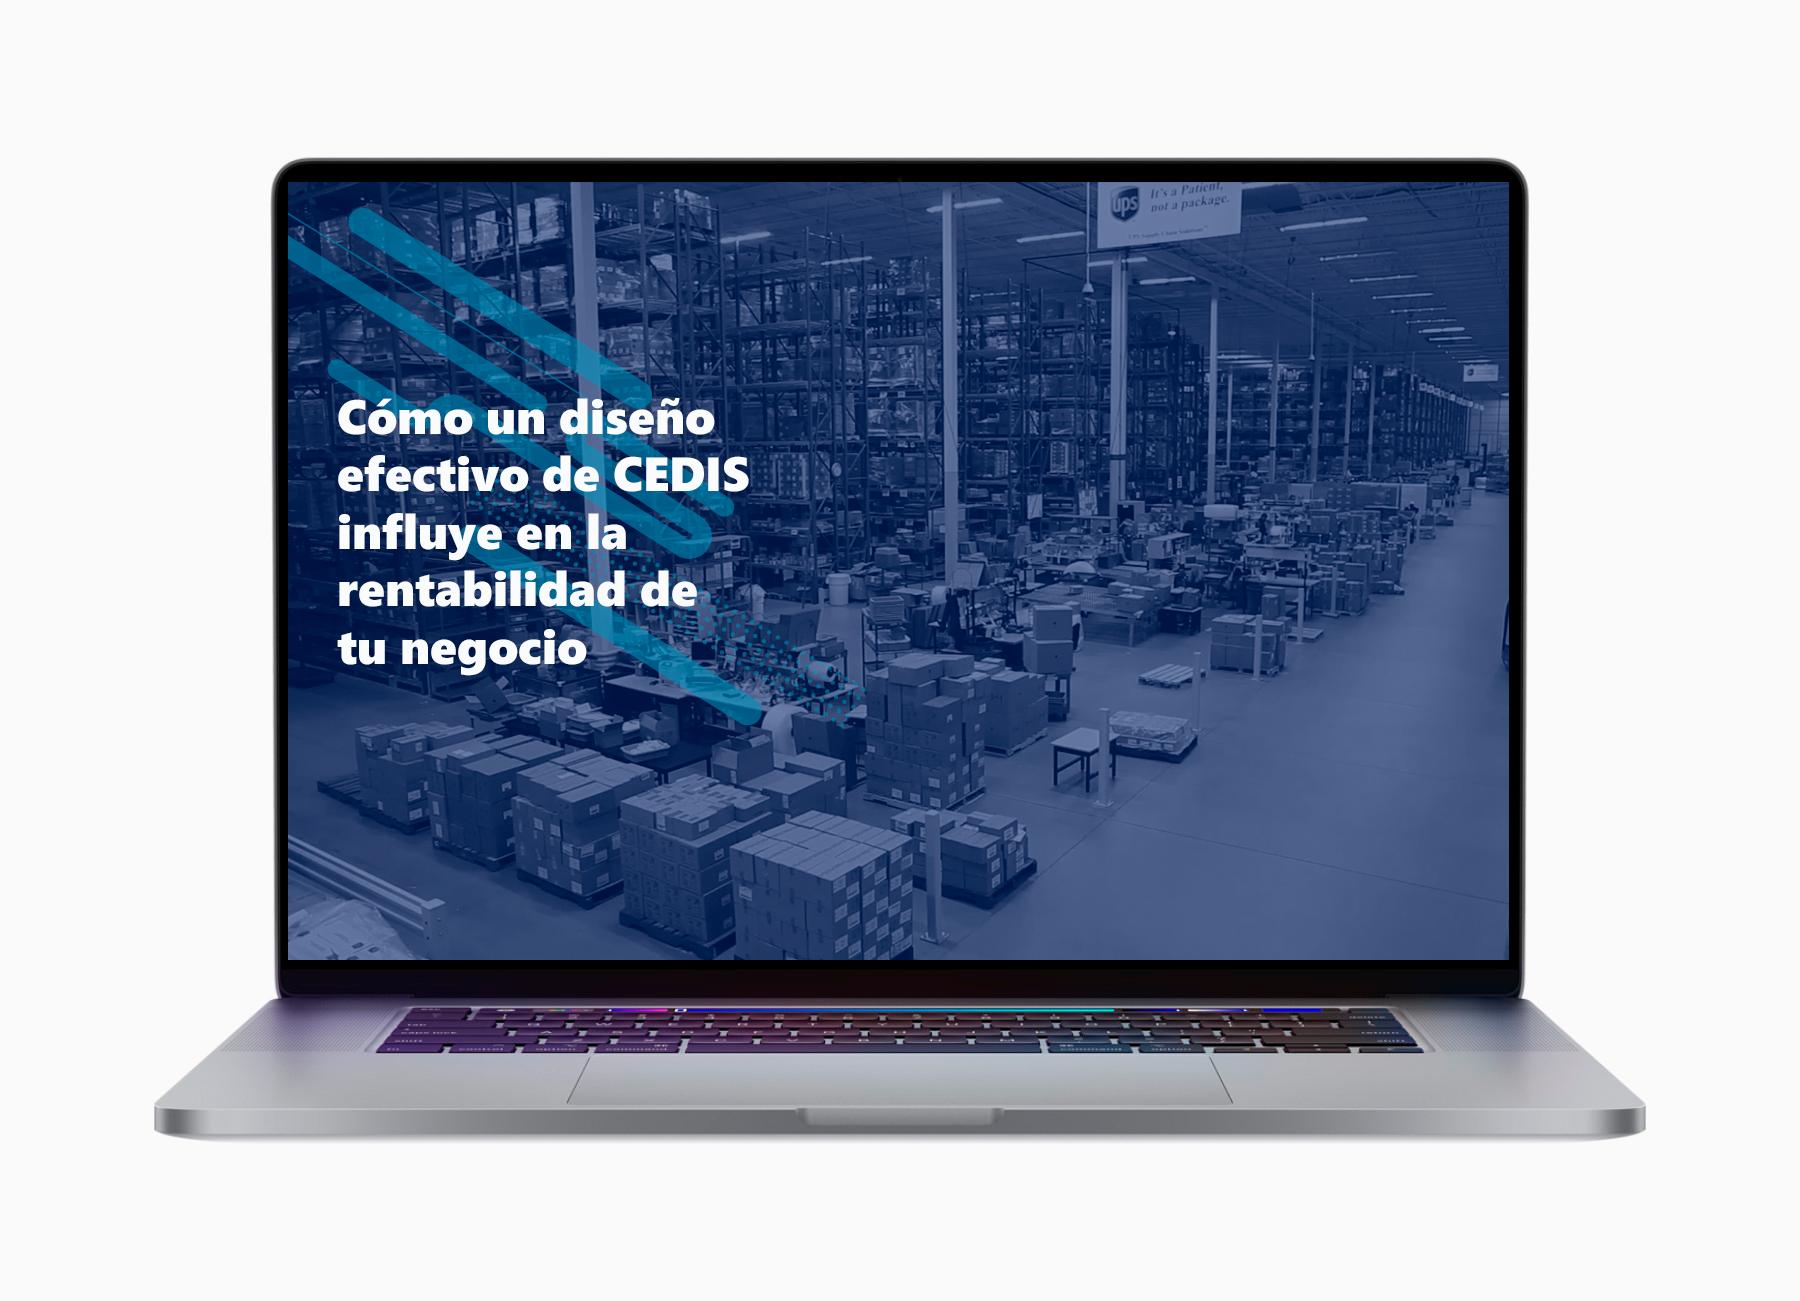 webinar-lap-Cómo-un-diseño-efectivo-de-CEDIS-influye-en-la-rentabilidad-de-tu-negocio